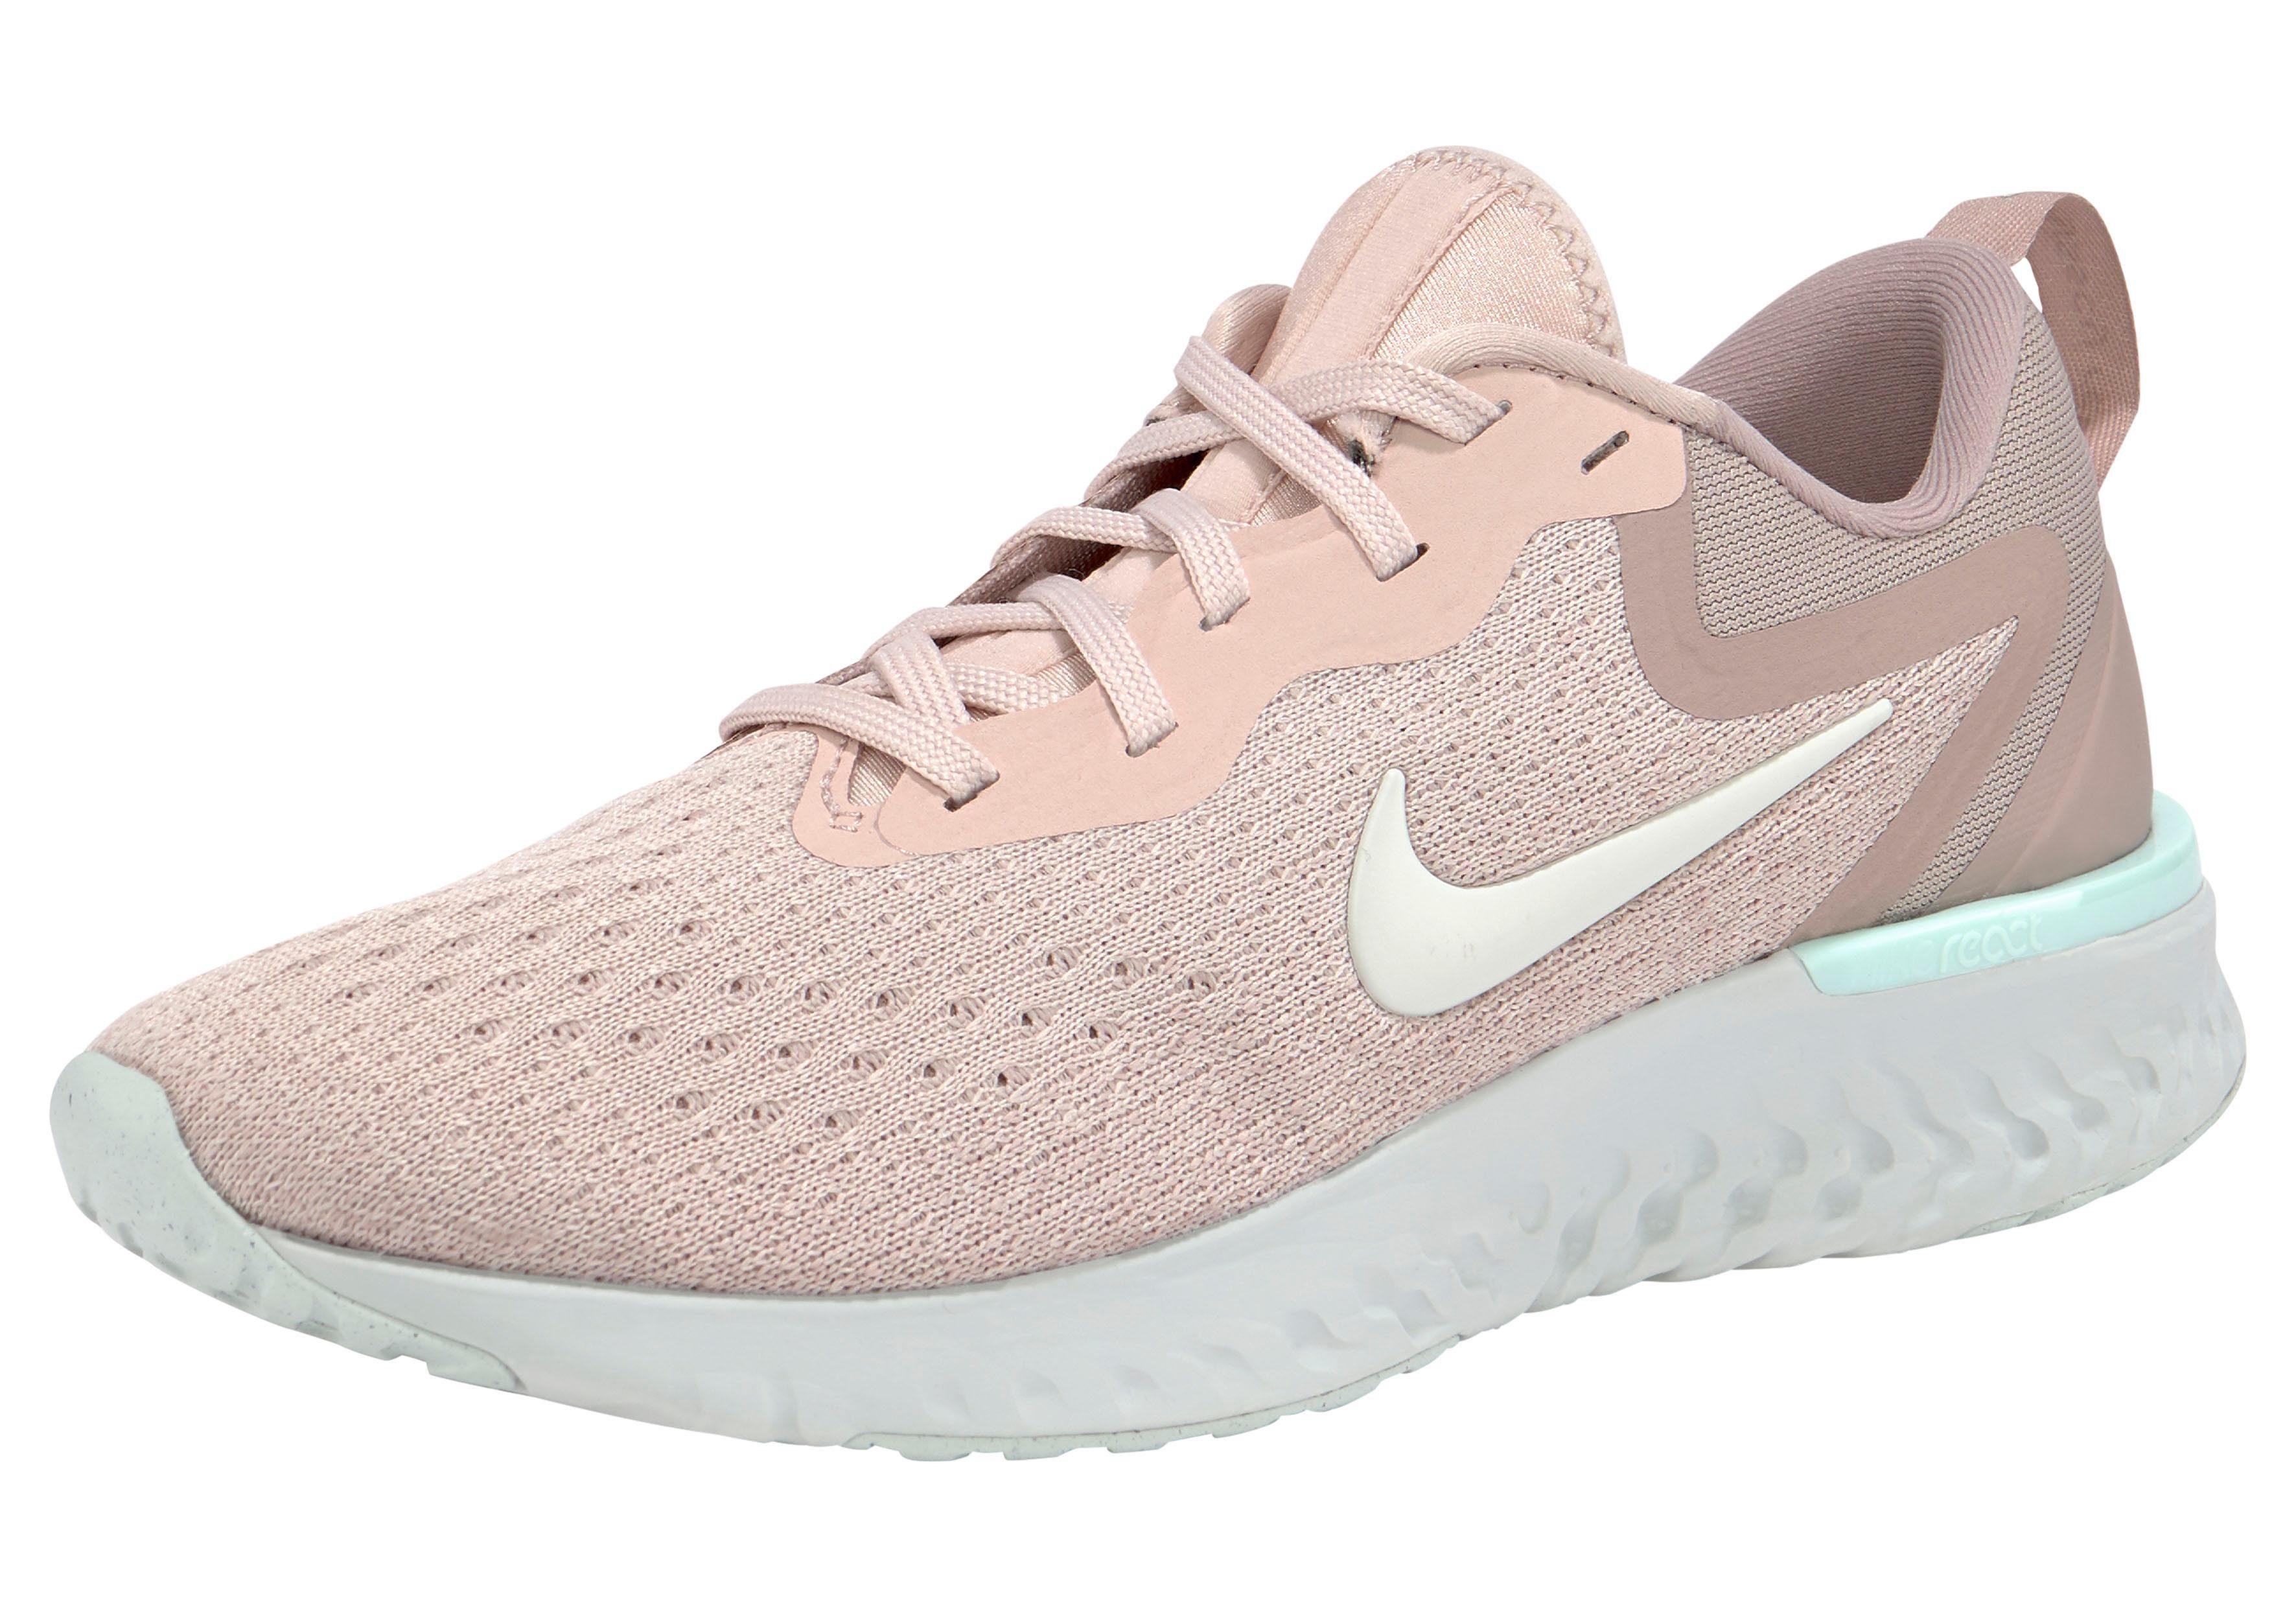 Nike Wmns Air Max Axis silver, 40 ab 83,99 ? im Preisvergleich!